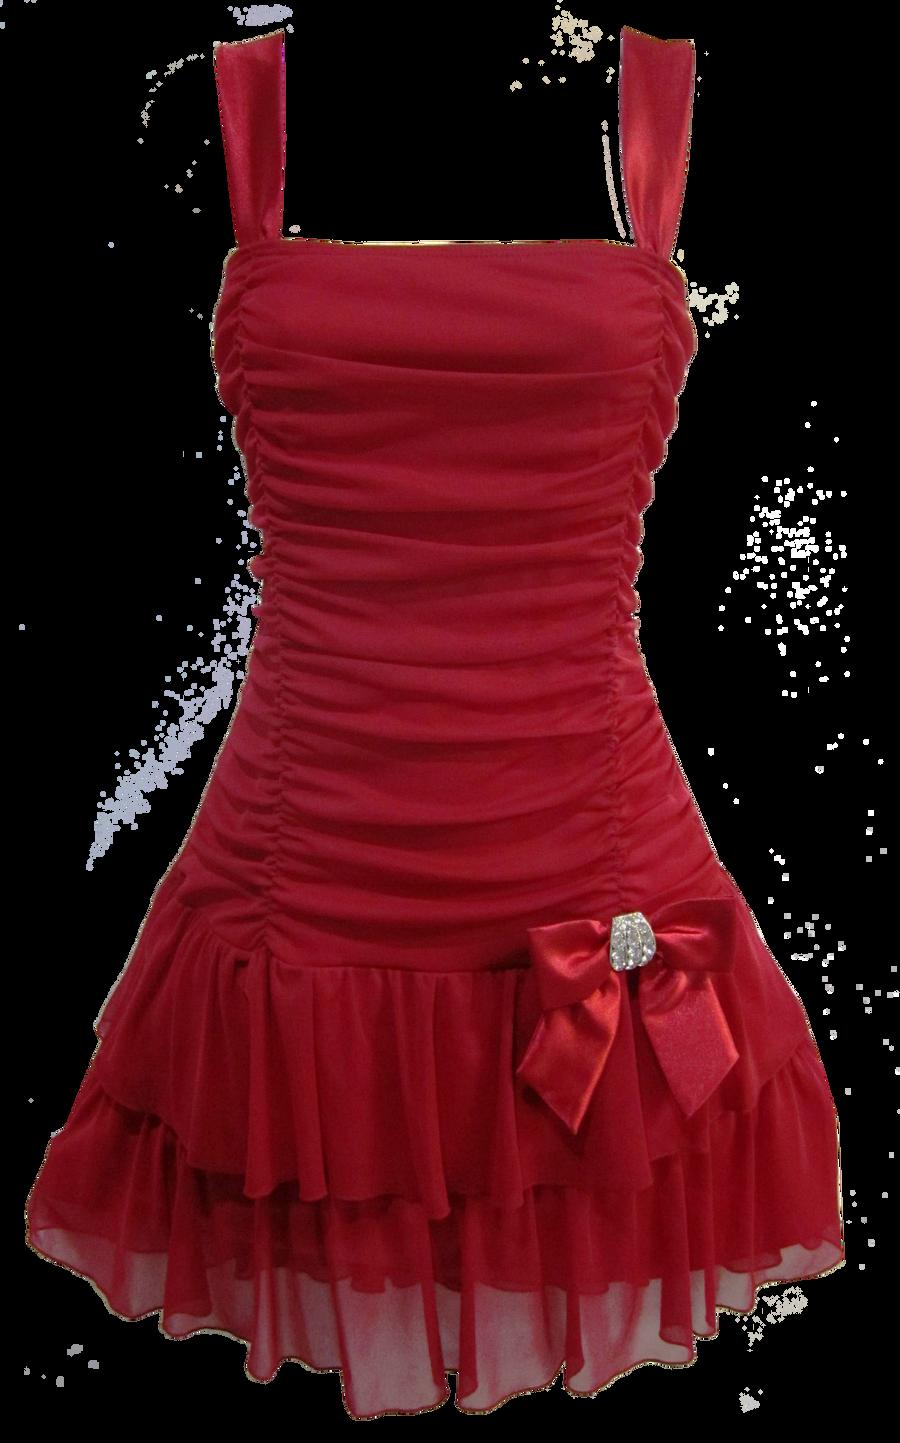 Flirty Short Red Dress PNG by Vixen1978 on DeviantArt